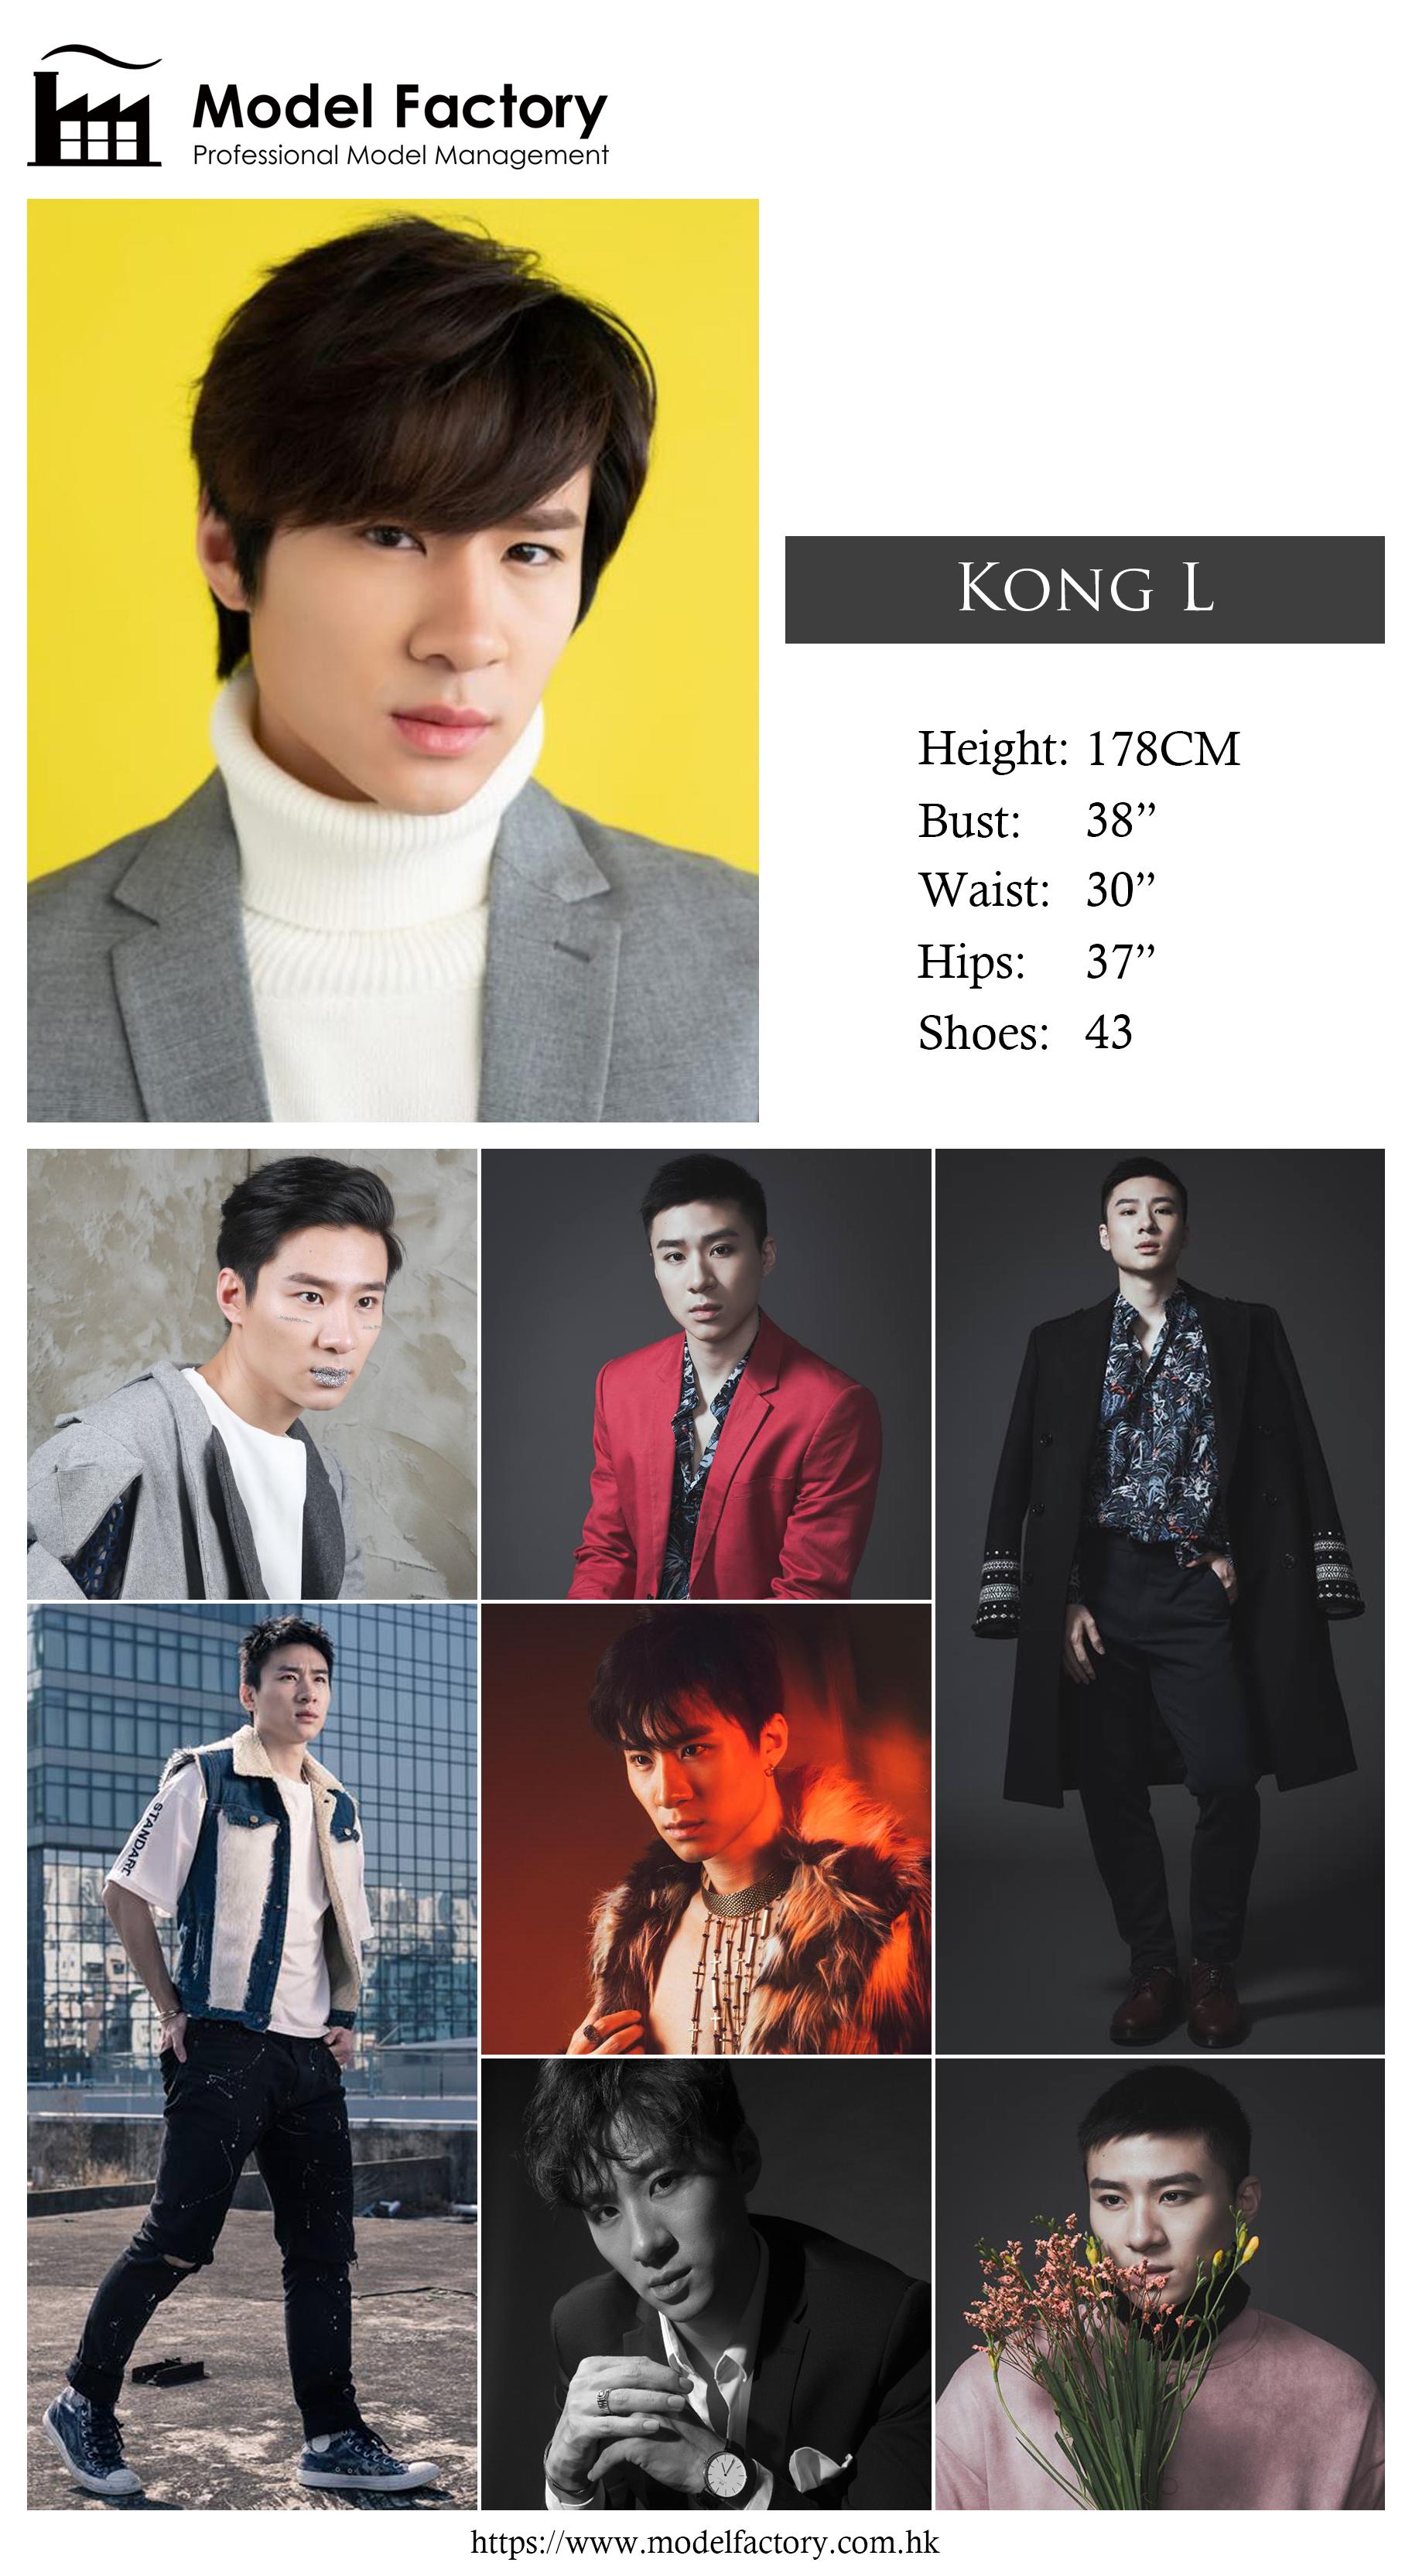 Model Factory Hong Kong Male Model KongL